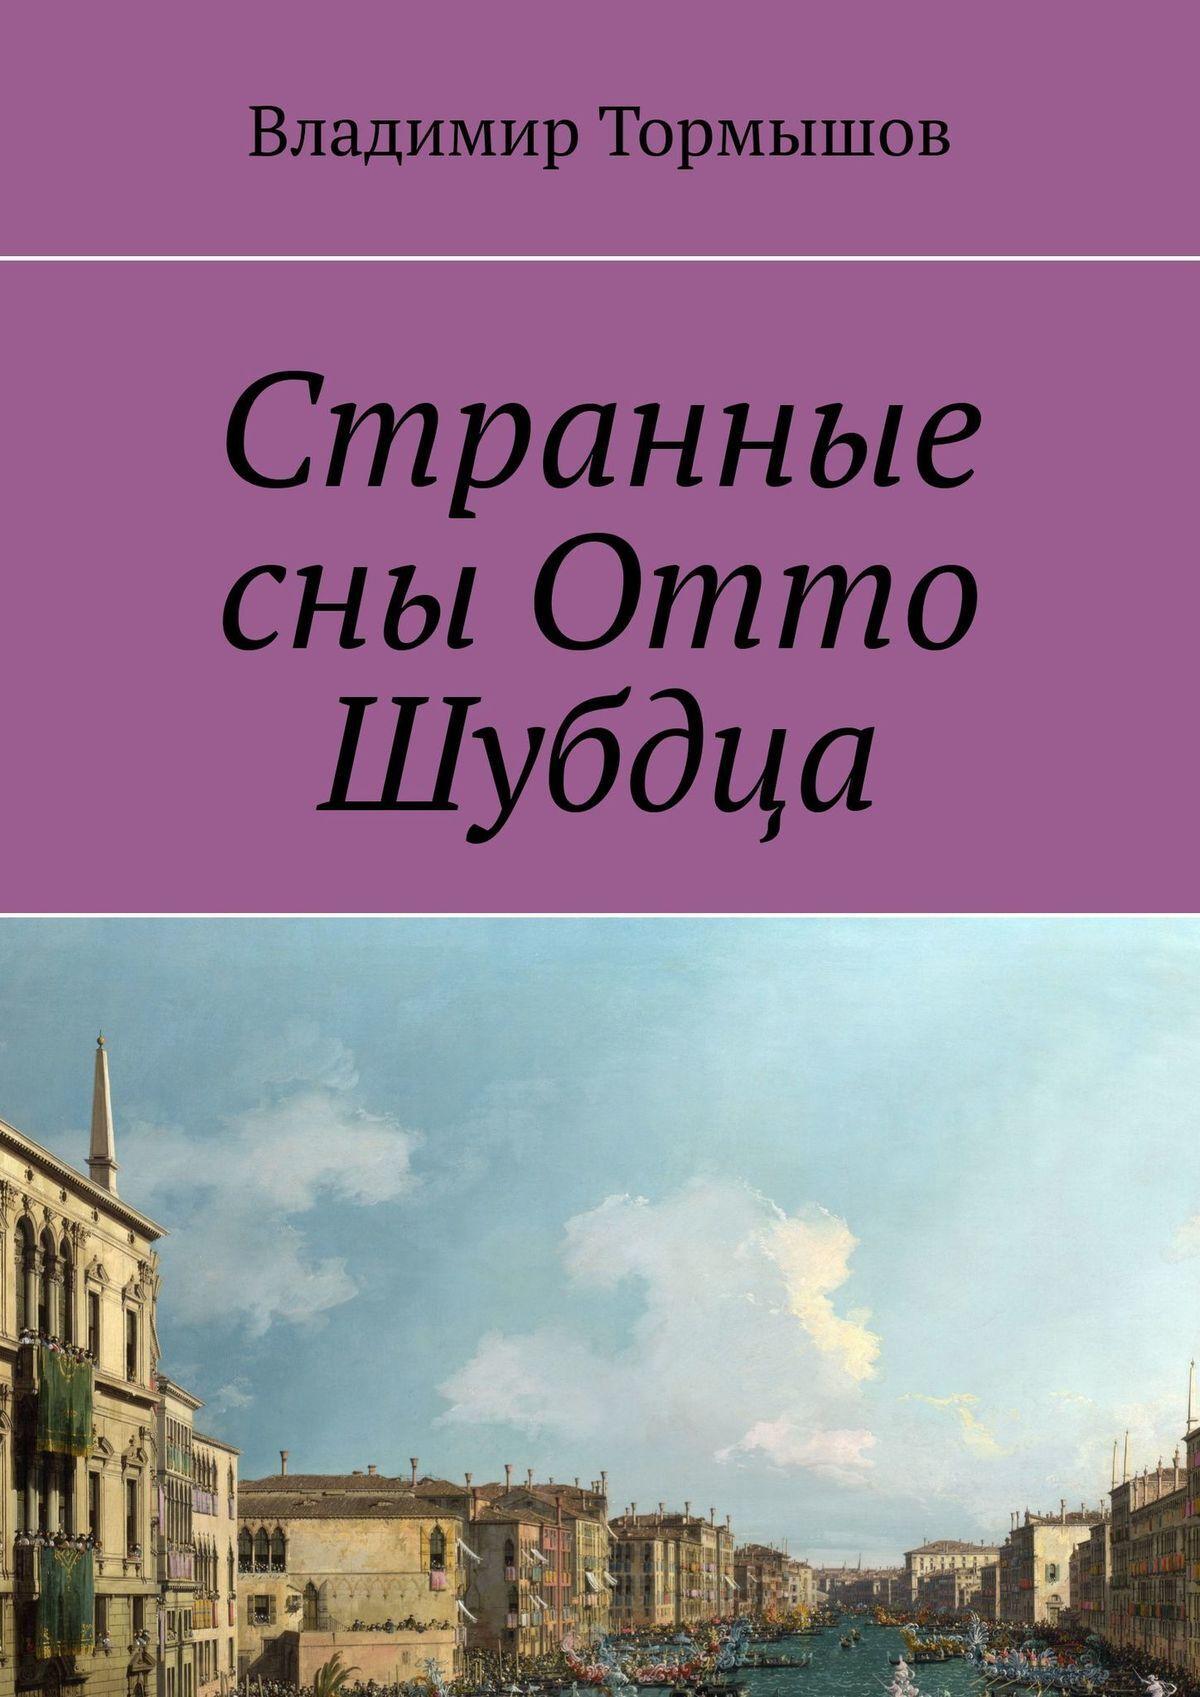 Странные сны Отто Шубдца